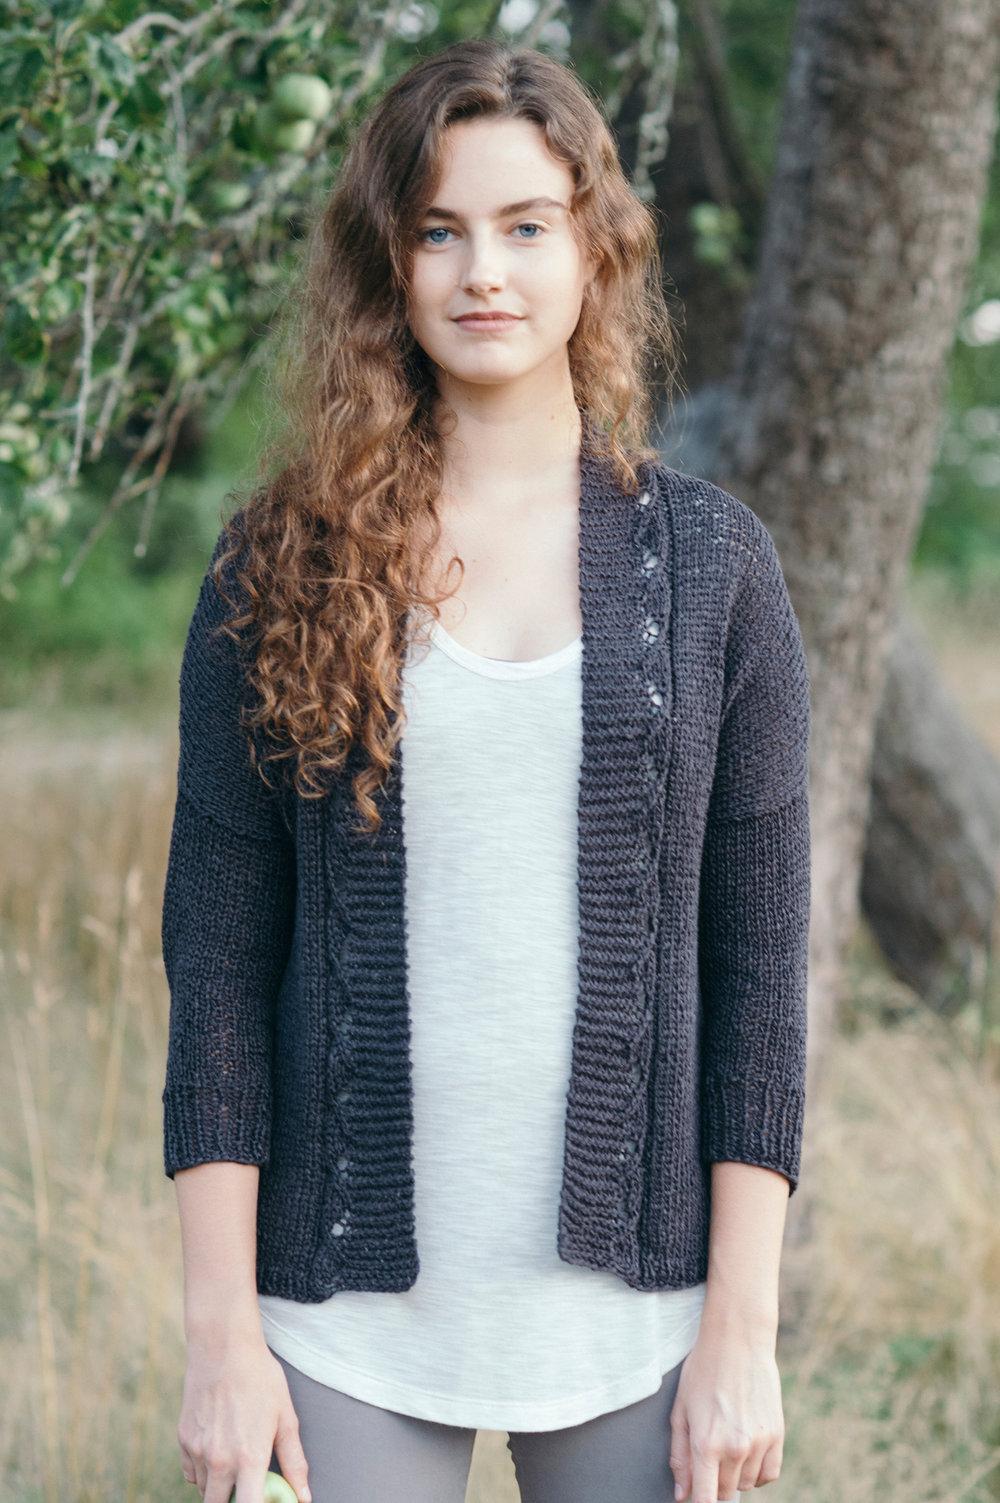 quince-co-rhea-pam-allen-knitting-pattern-kestrel-1.jpg